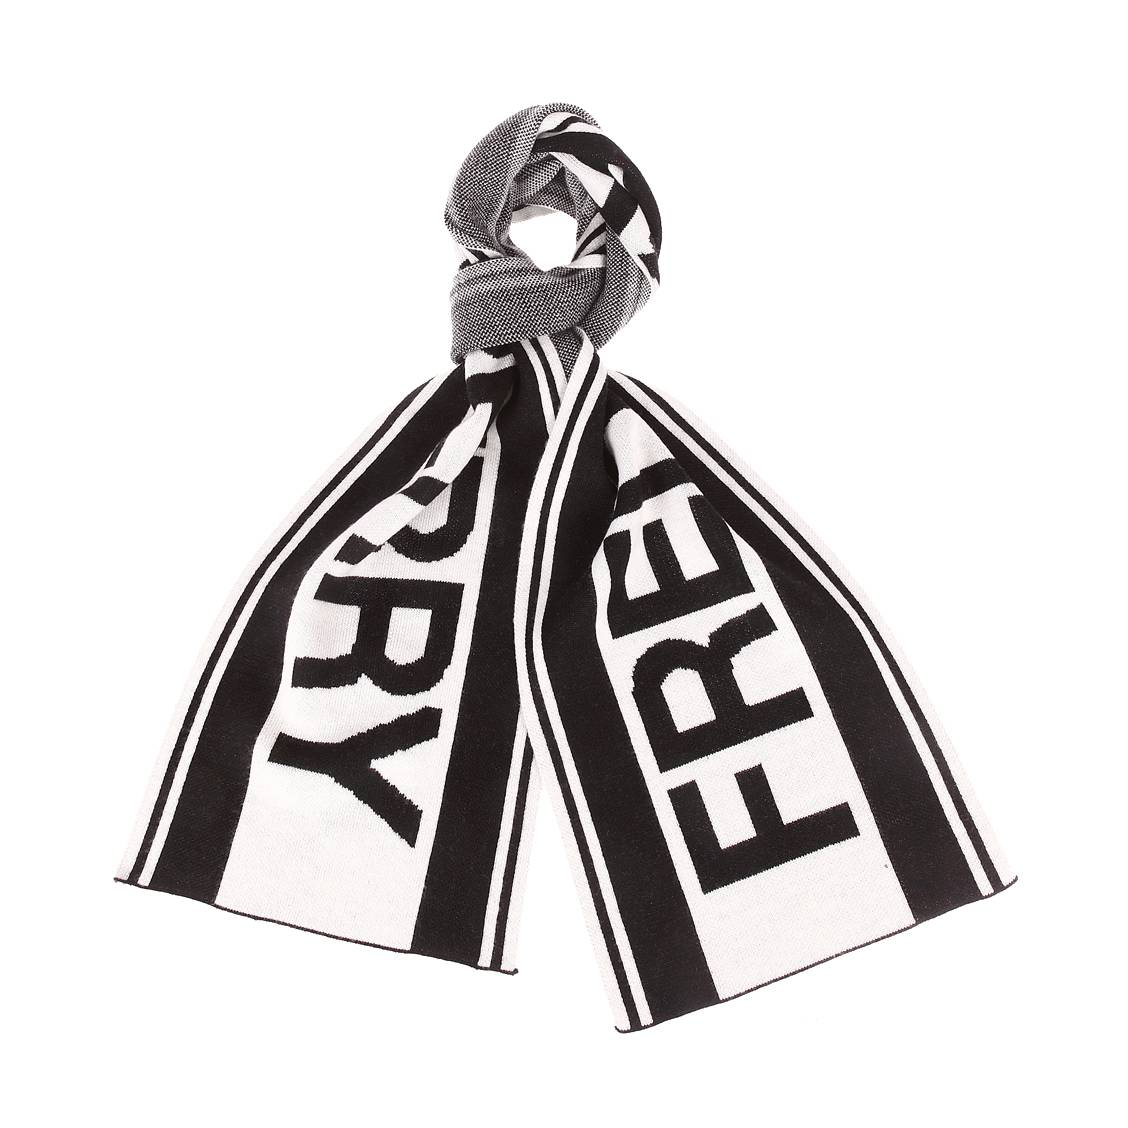 Echarpe Fred Perry en laine mélangée noire et blanche à logo